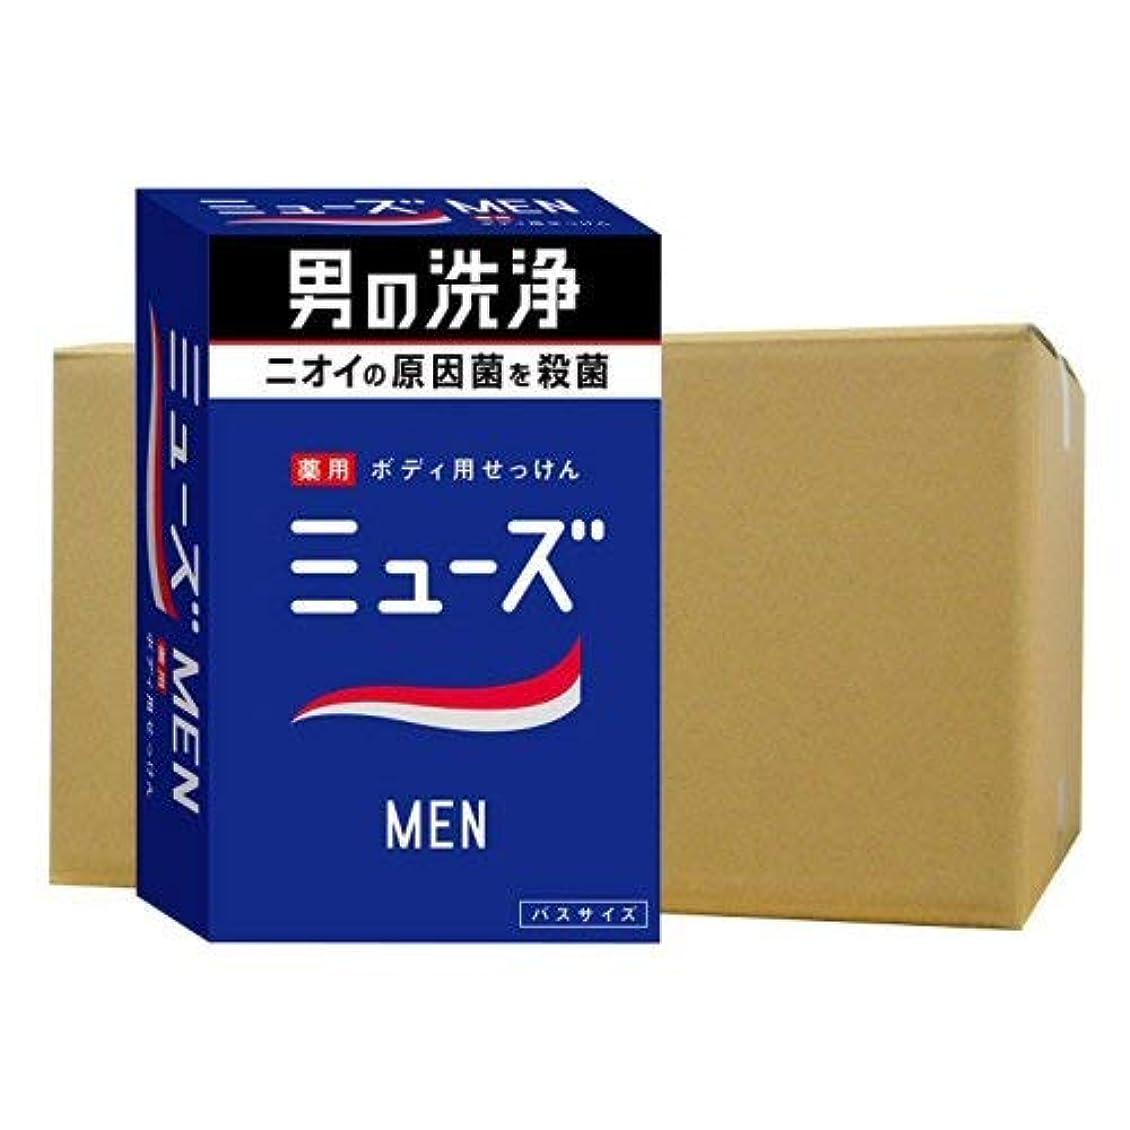 試験バナナ打撃ミューズメン薬用石鹸 135g×24個セット